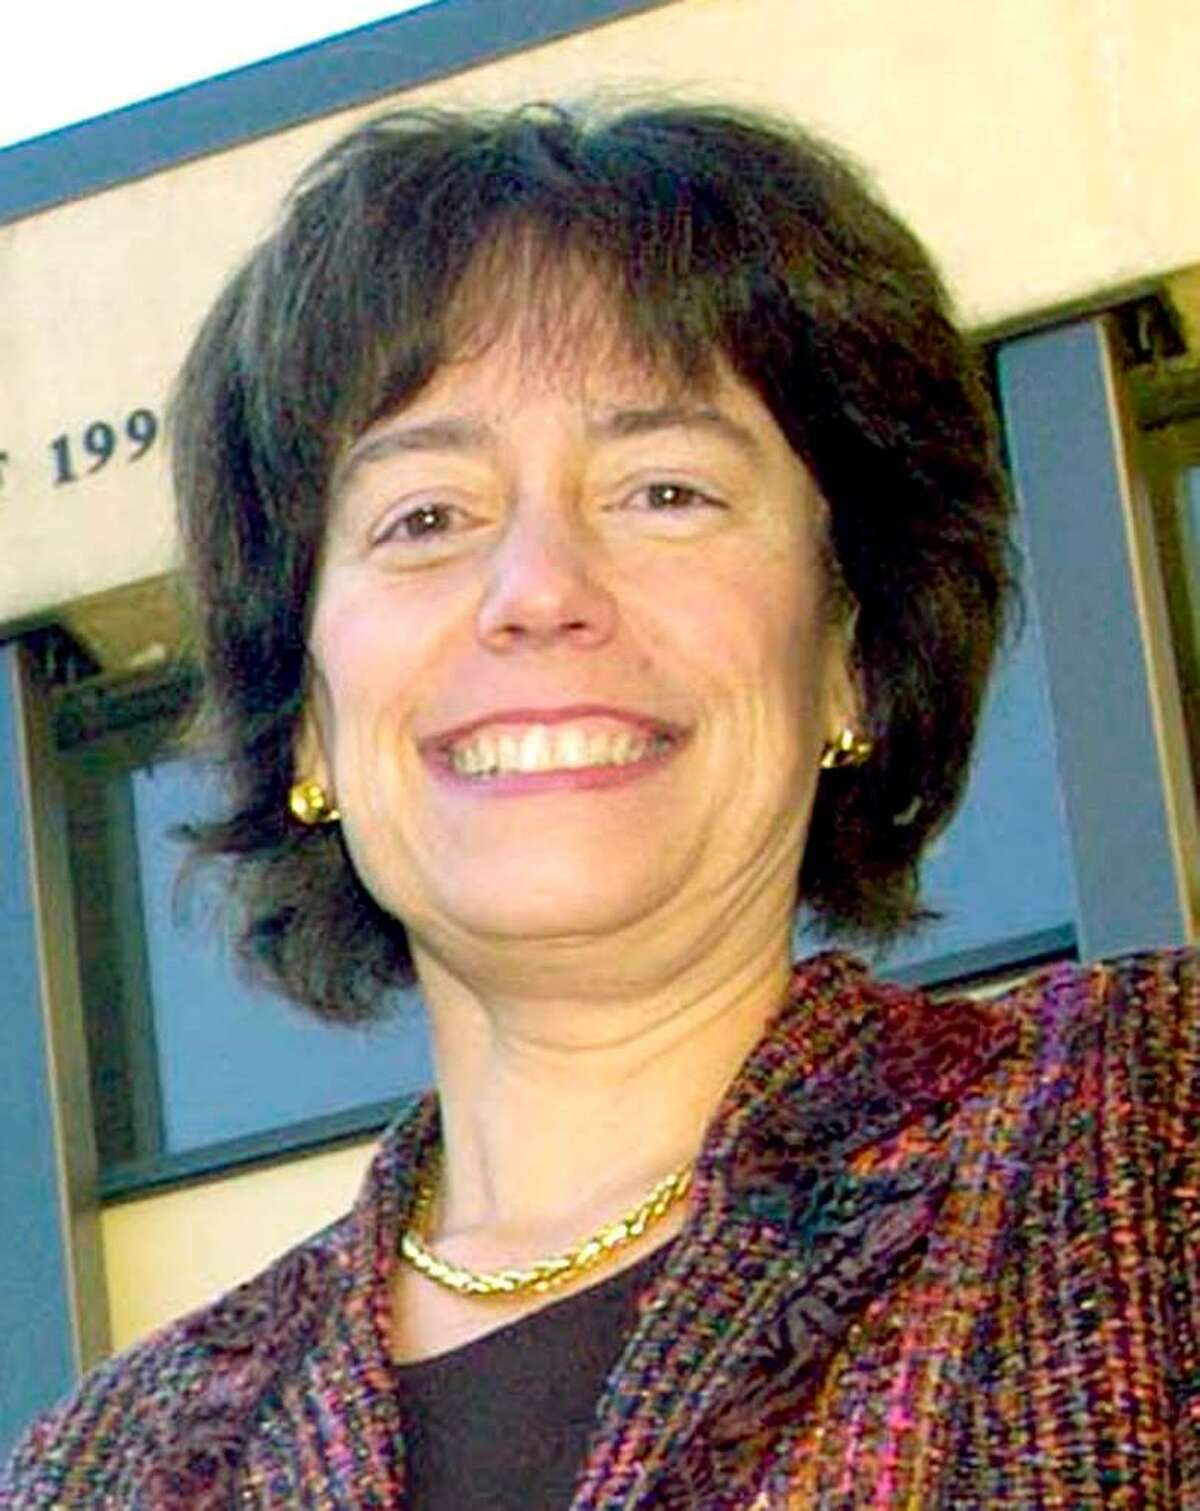 Deborah Low, Ridgefield Superintendent of Schools.